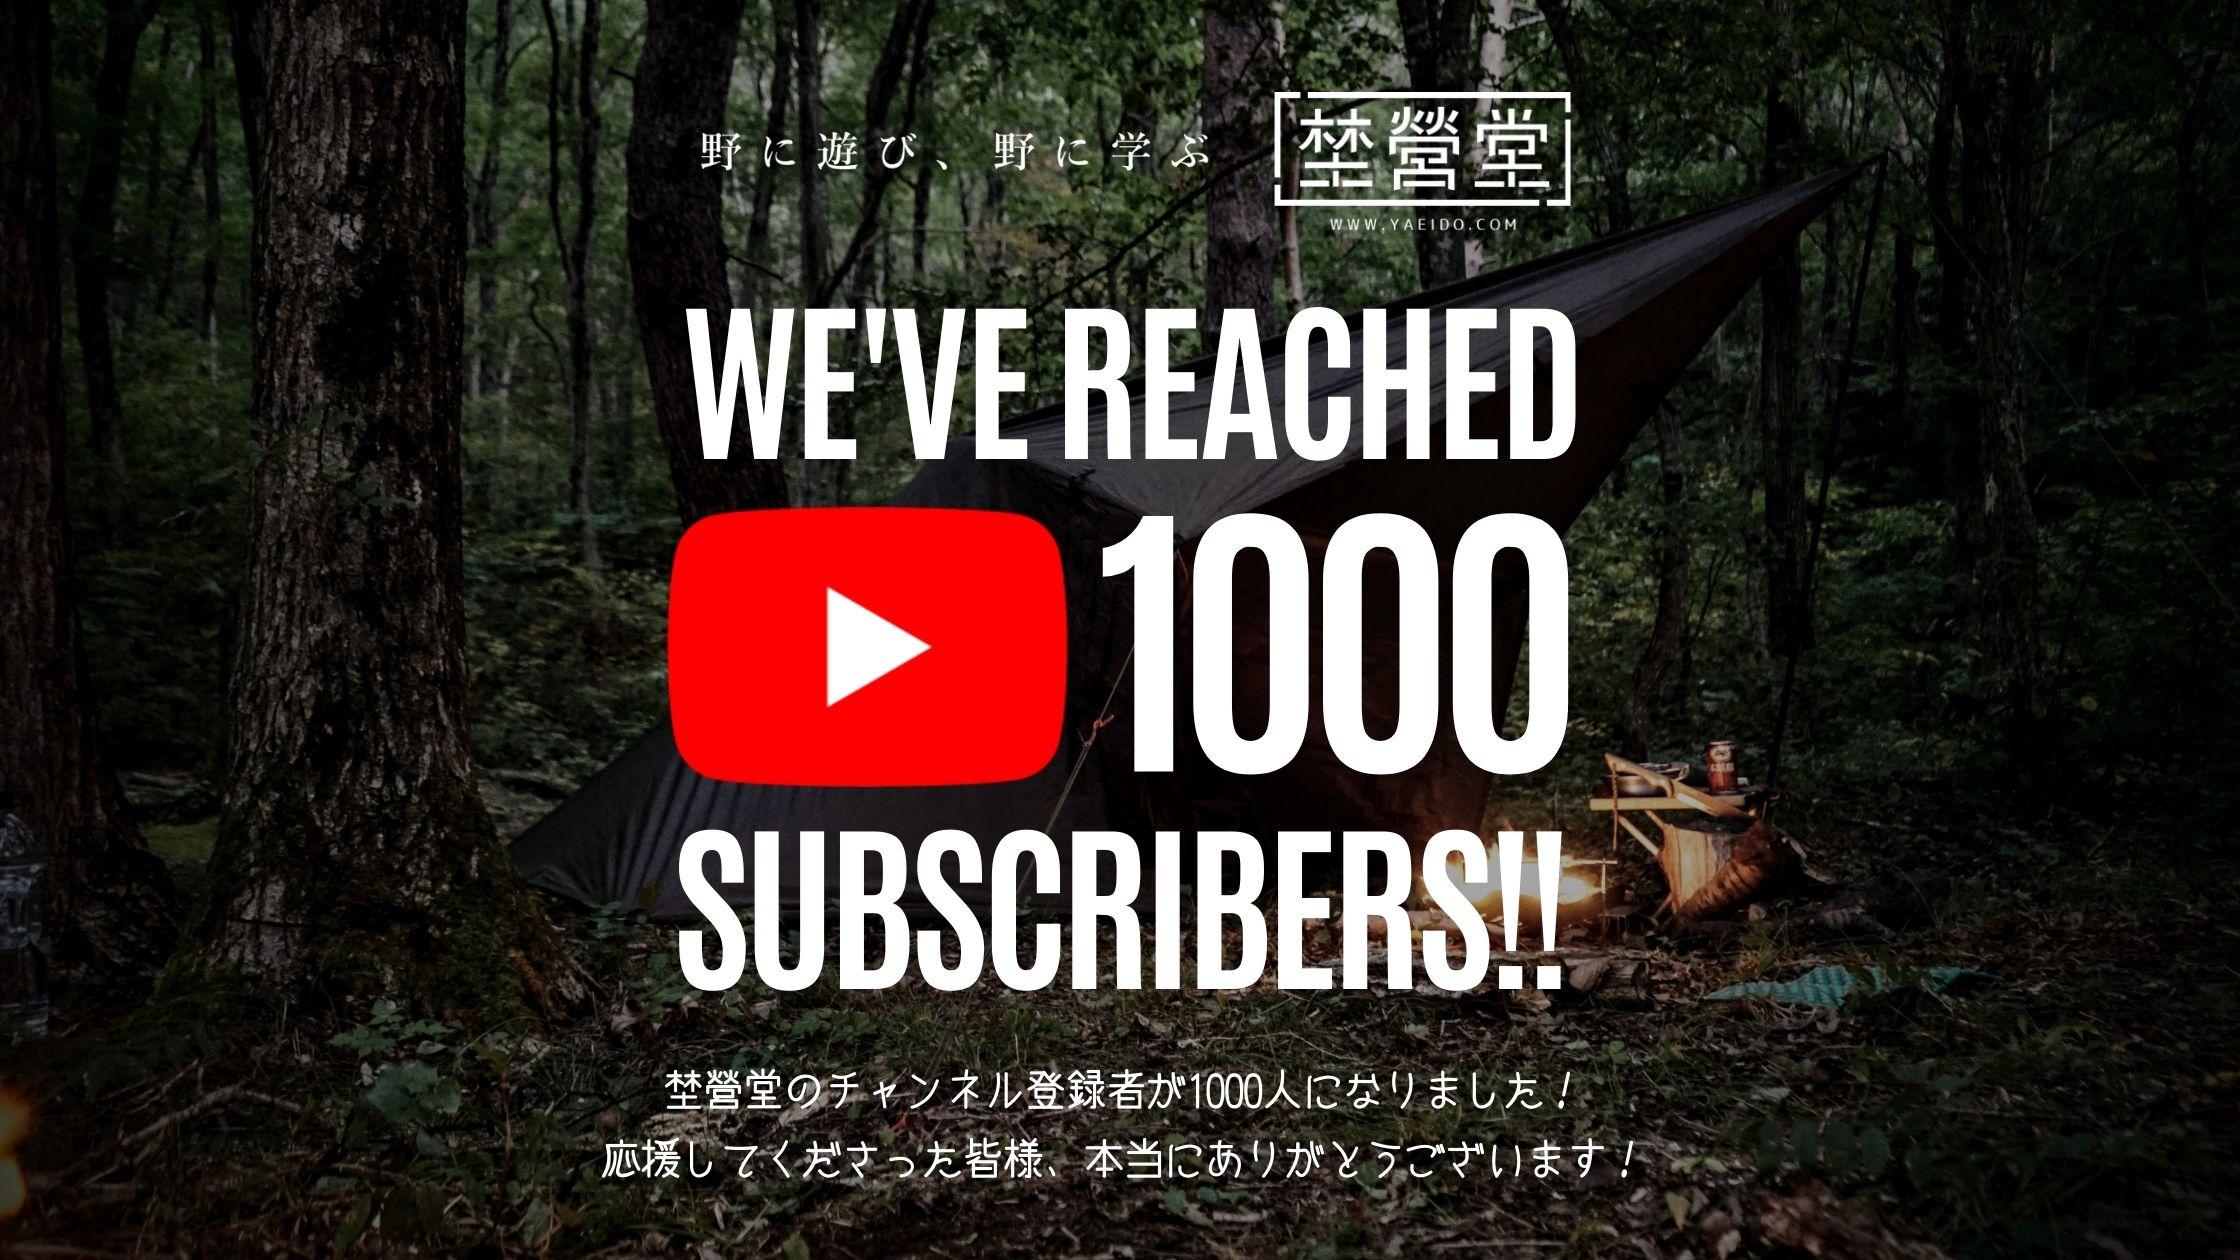 埜營堂のYOUTUBEチャンネル登録者数が1000人になりました!